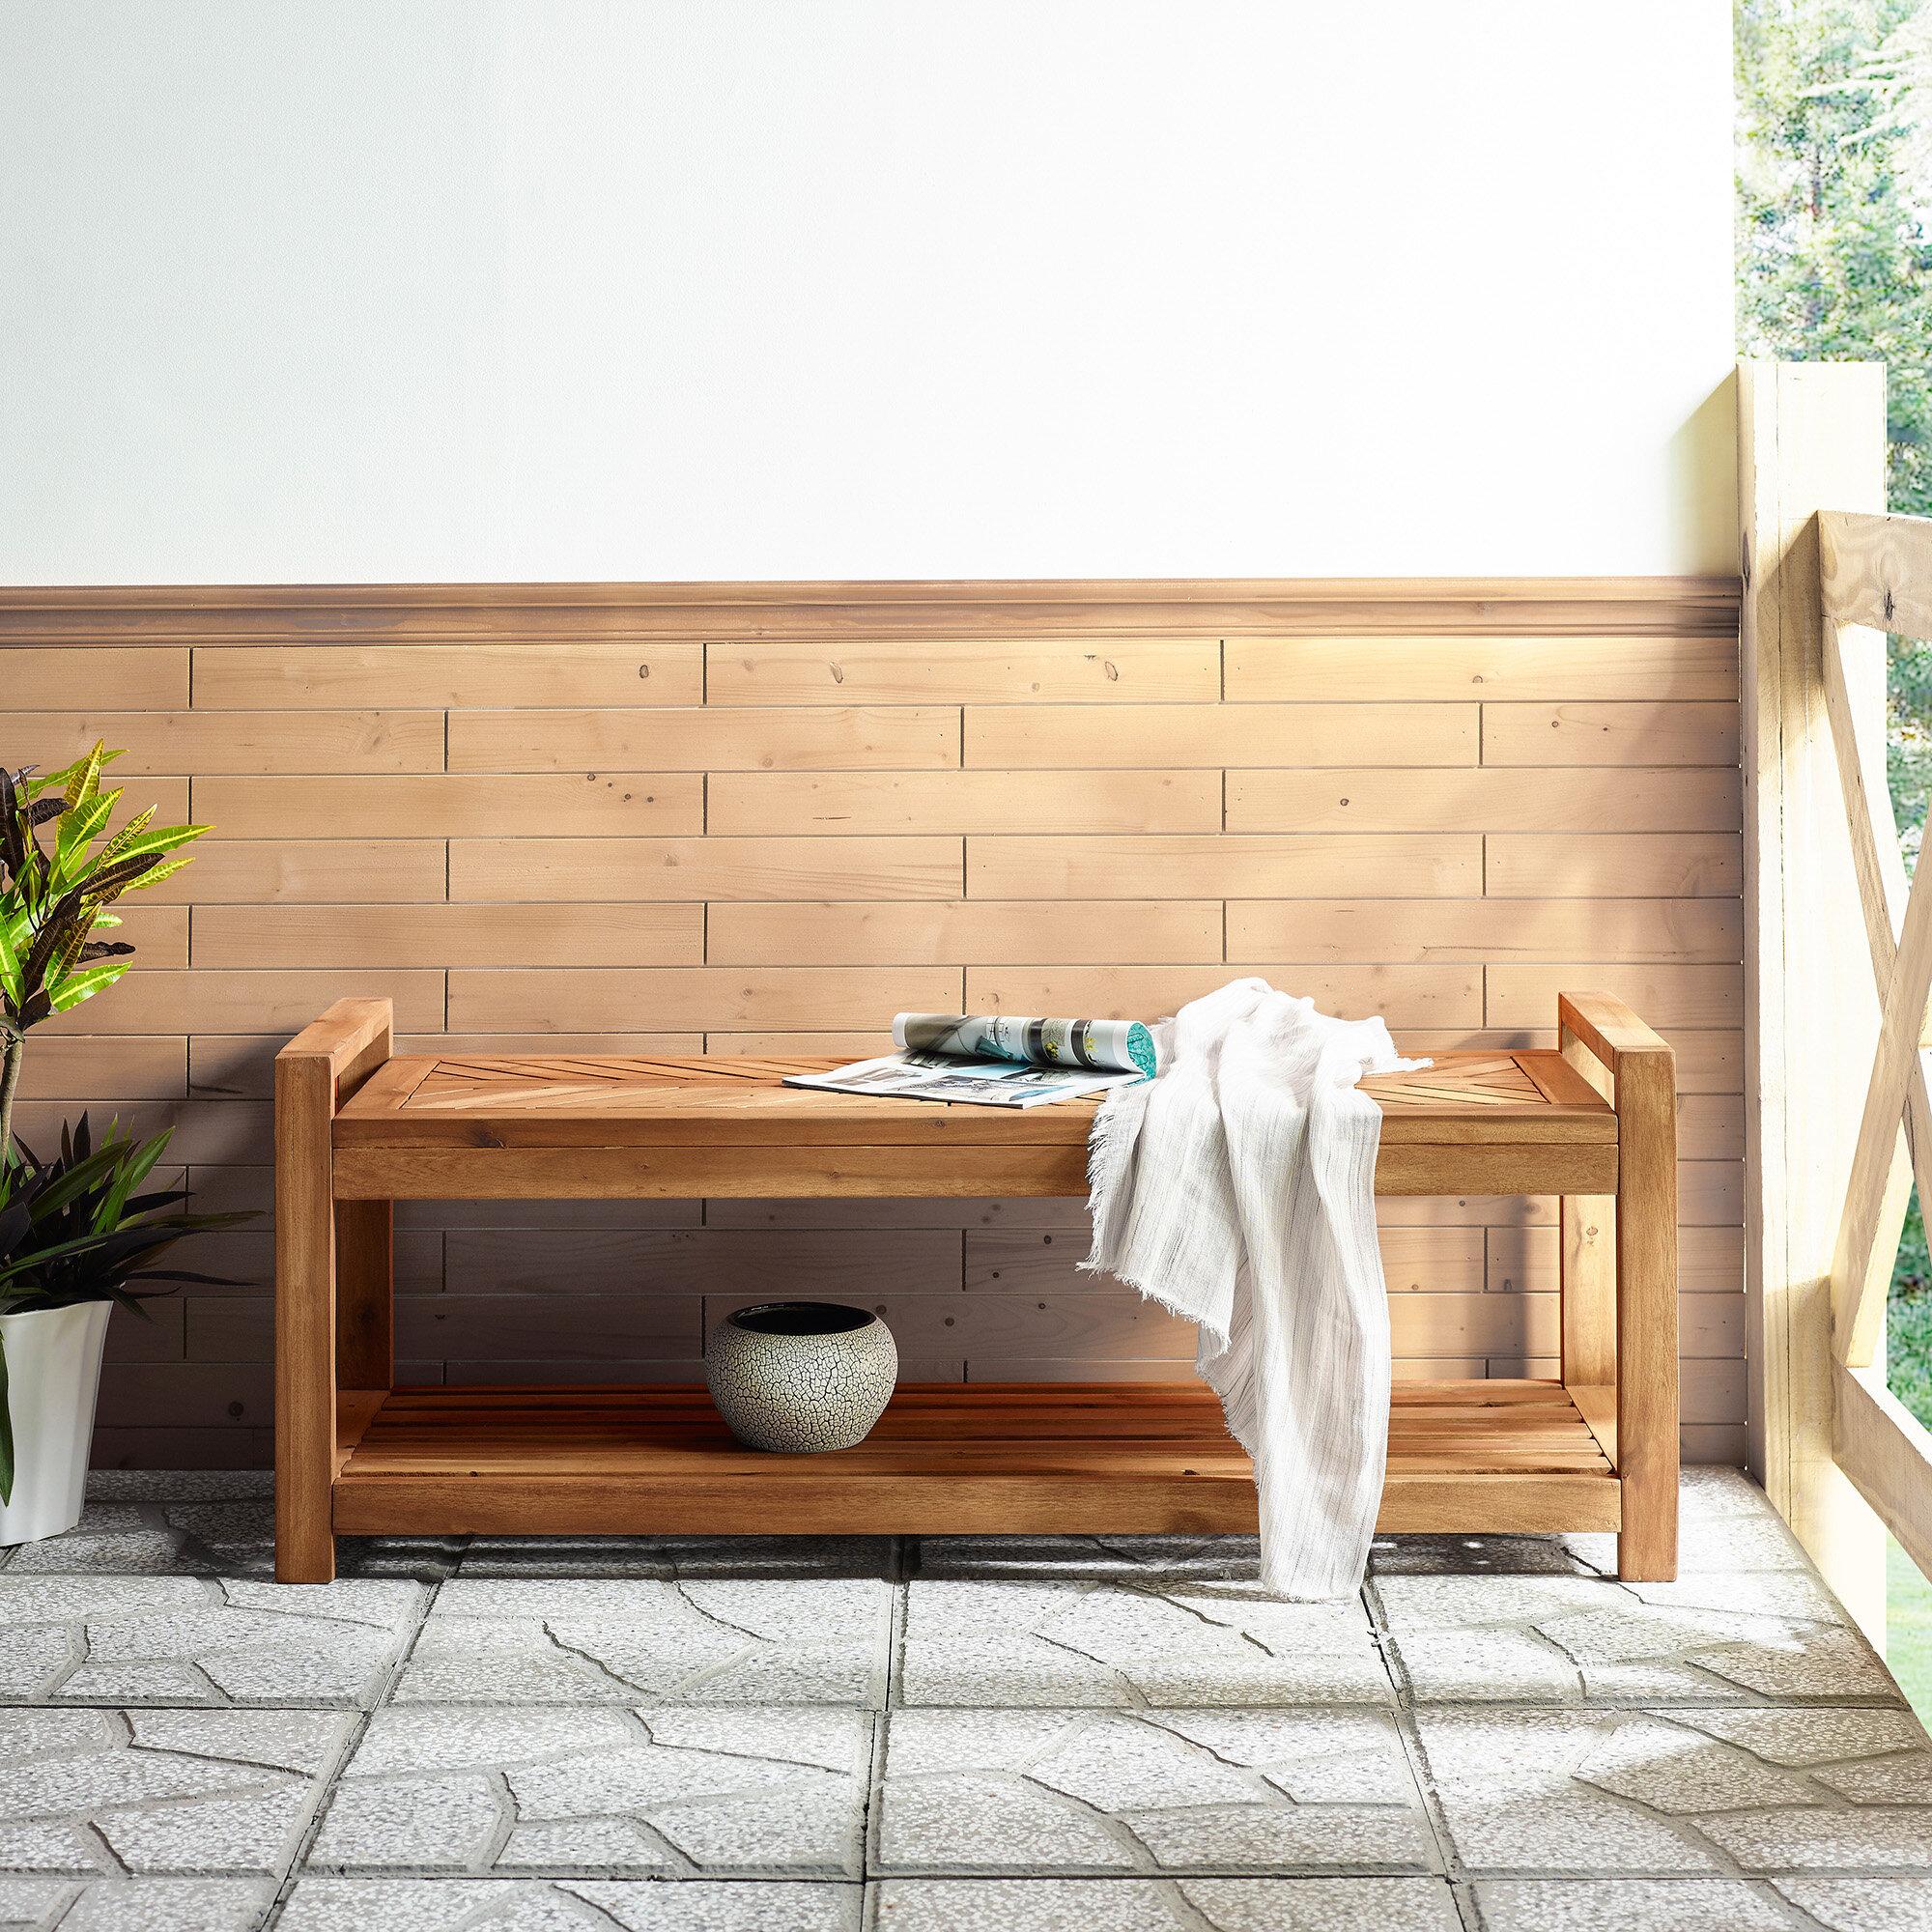 Skoog Chevron Wooden Storage Bench With Regard To Skoog Chevron Wooden Garden Benches (View 4 of 25)